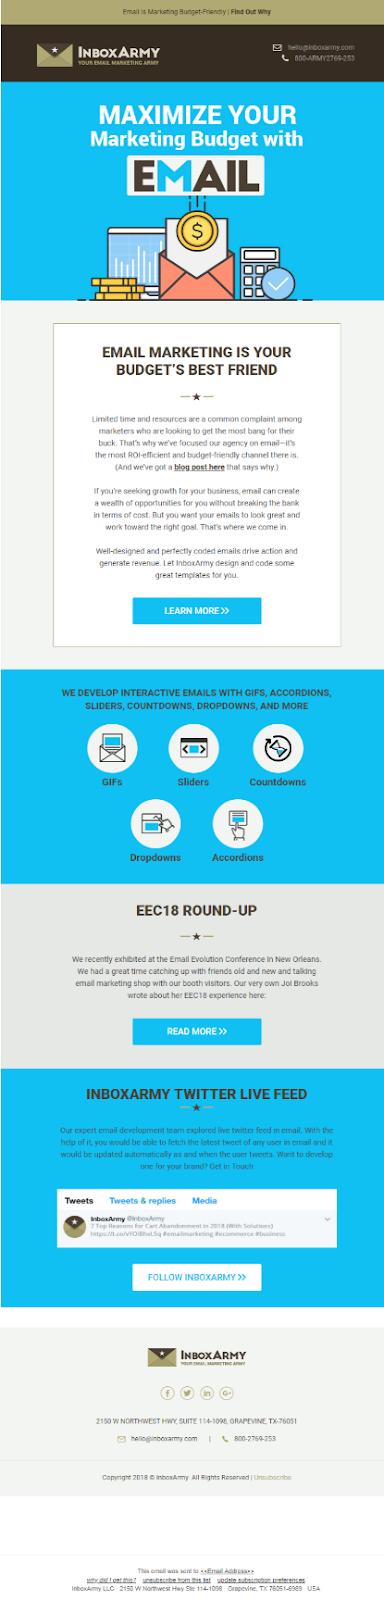 ソーシャルメディアをEメールマーケティングに統合